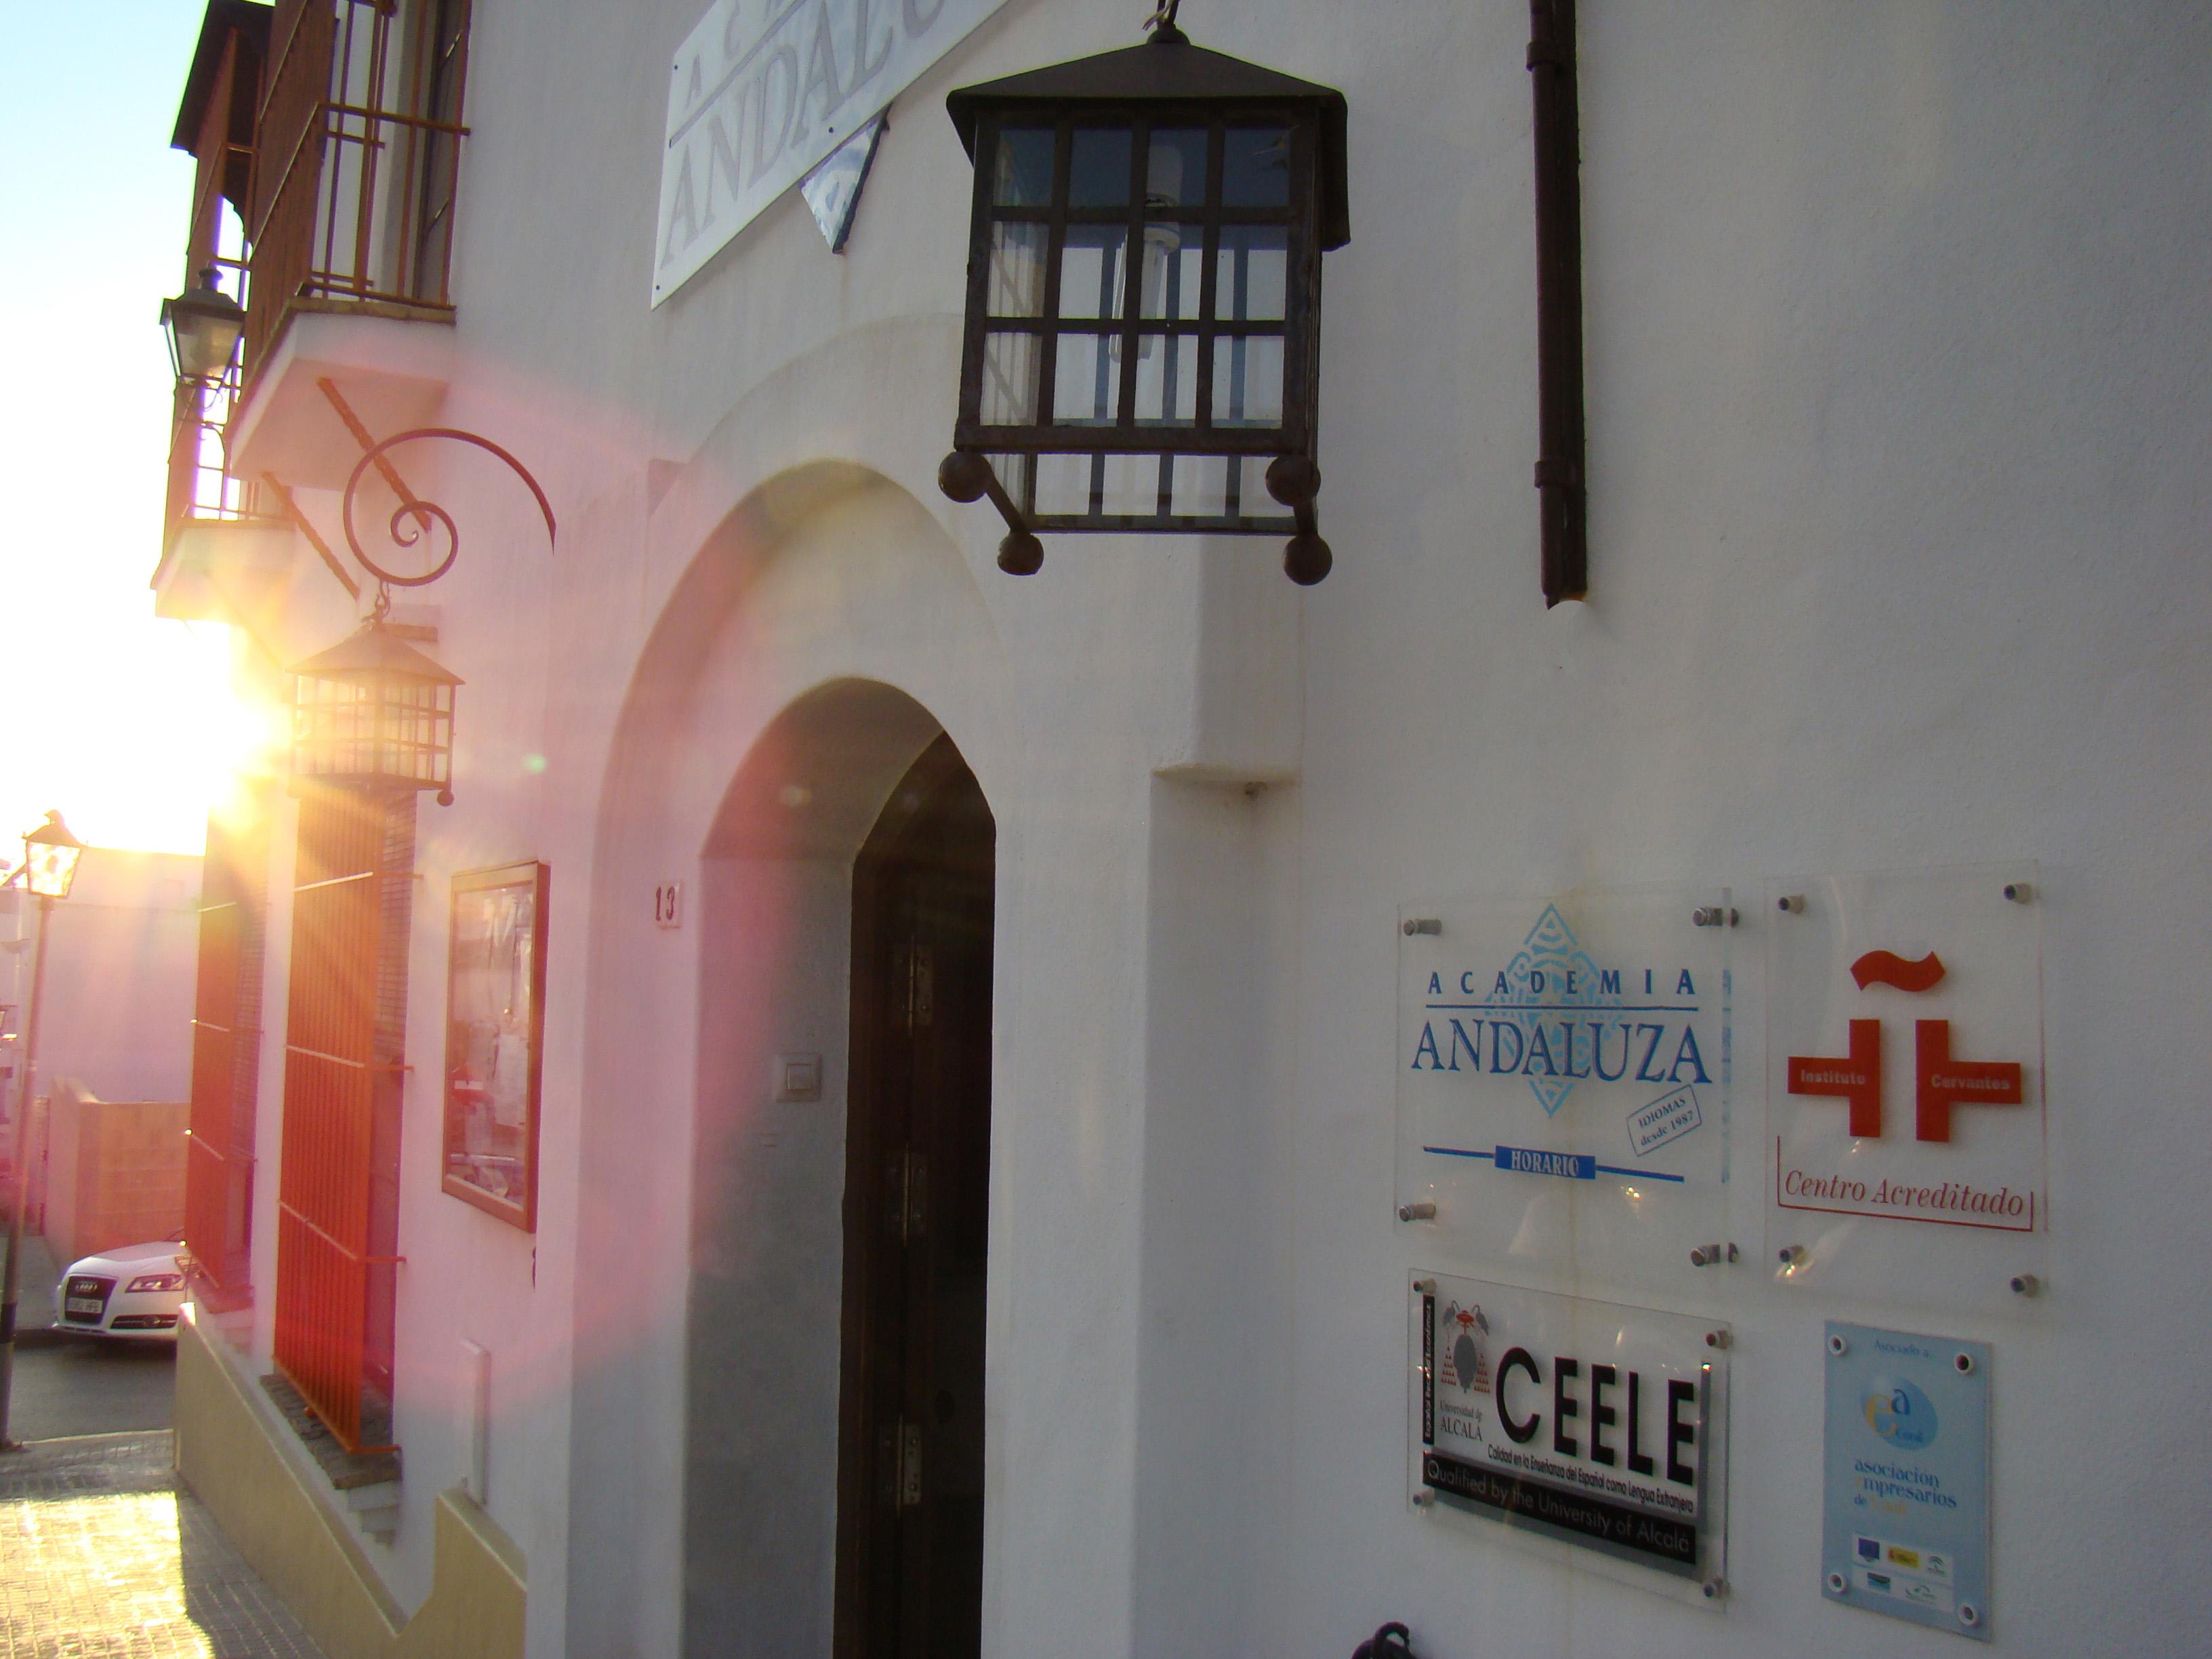 Academia Andaluza, Conil de la Frontera